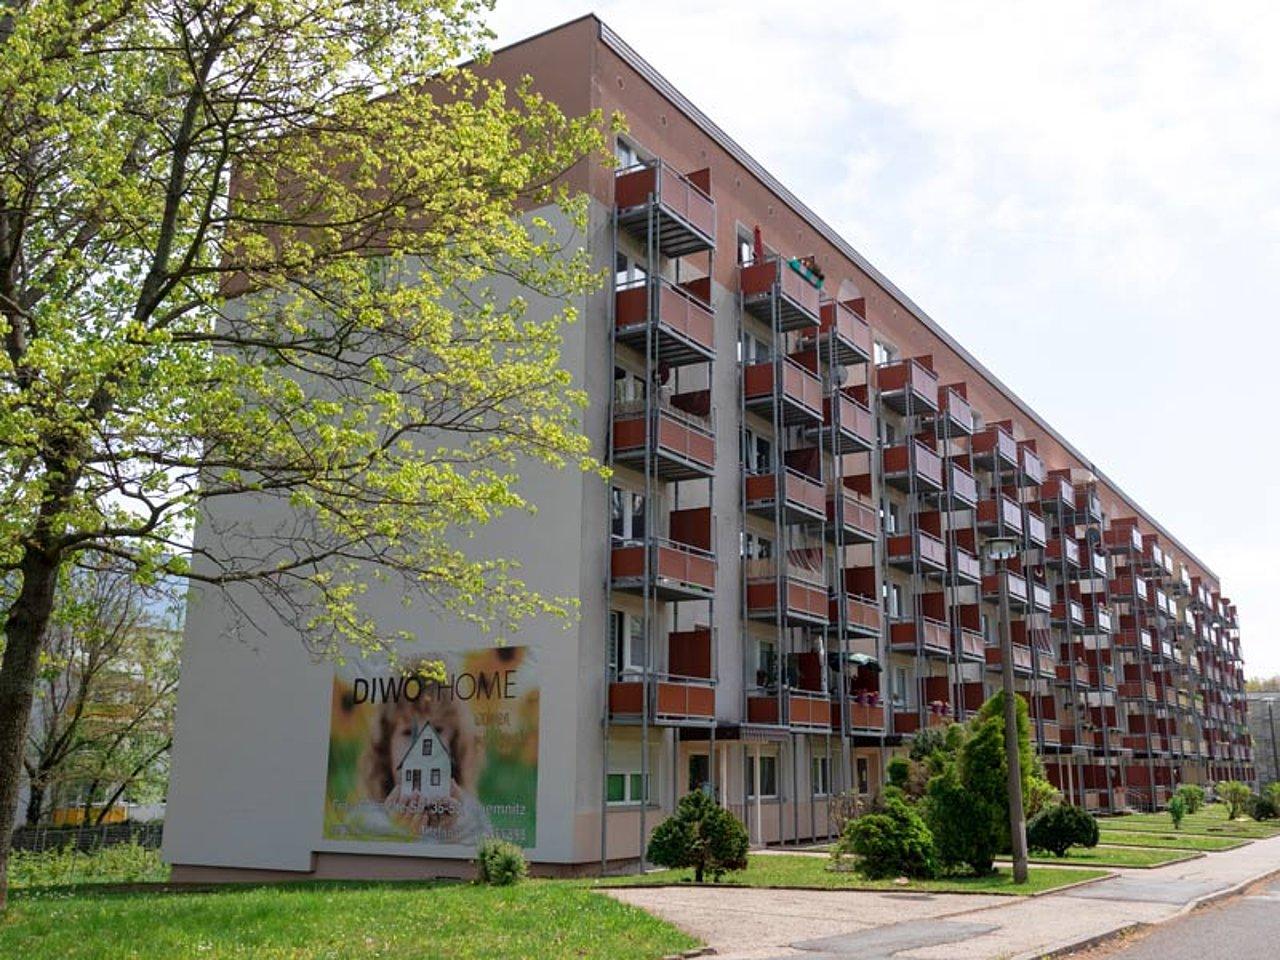 csm_Fritz-Fritzsche-Strasse-6_6e5607816e